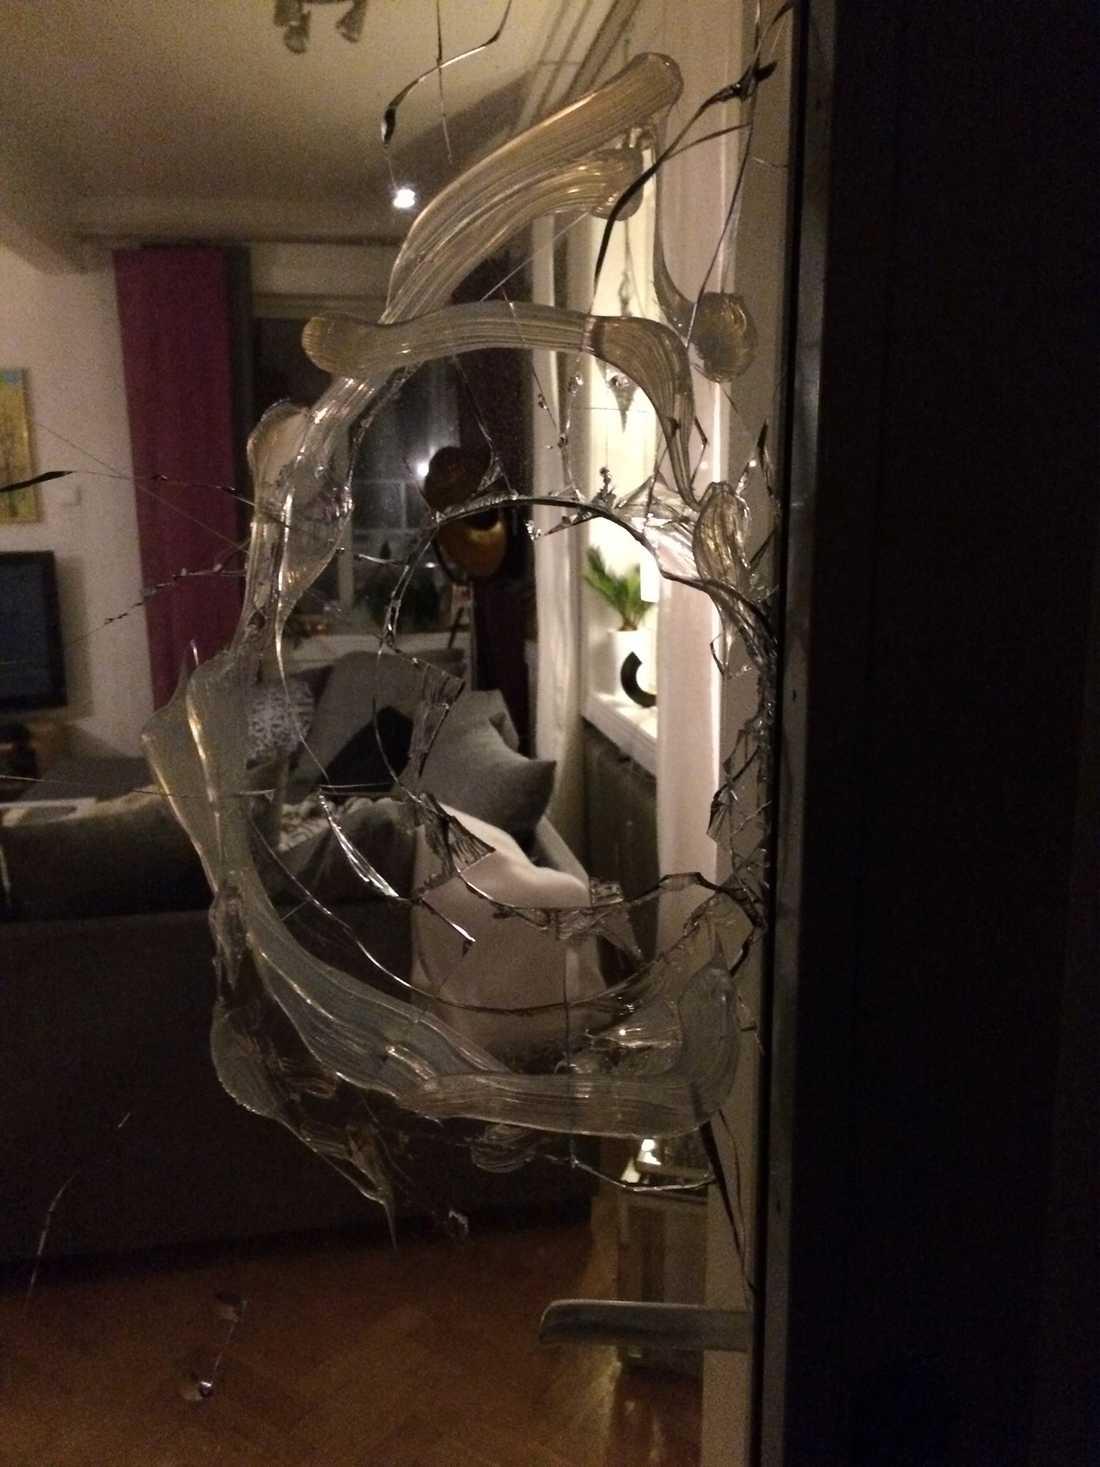 Inbrottstjuvarna trodde inte att någon var hemma i villan.